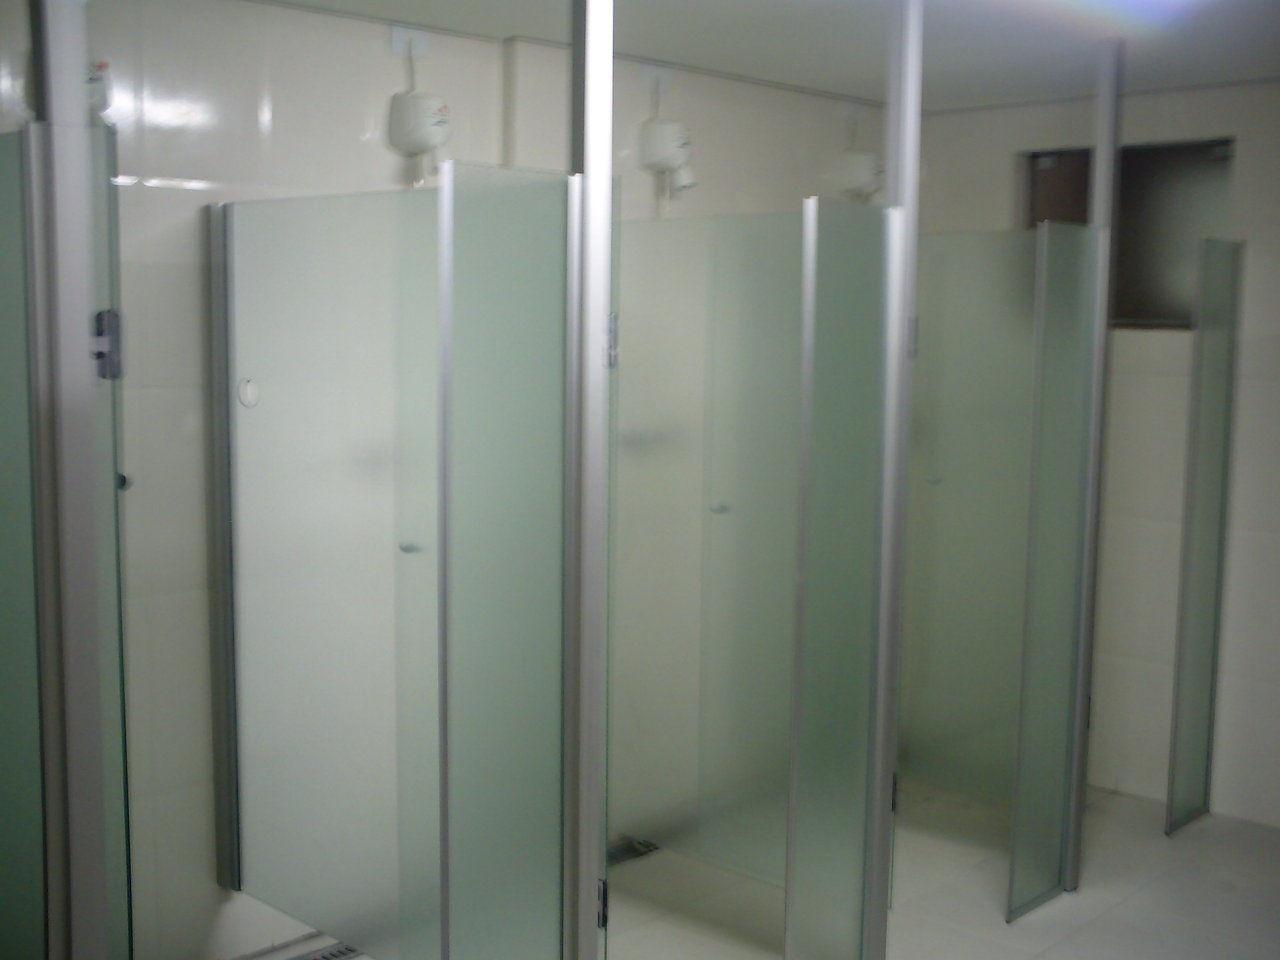 Comércio de Vidros Patriarca Vidraçaria Patriarca Patriarca Wix  #575E74 1280x960 Armario Banheiro Verde